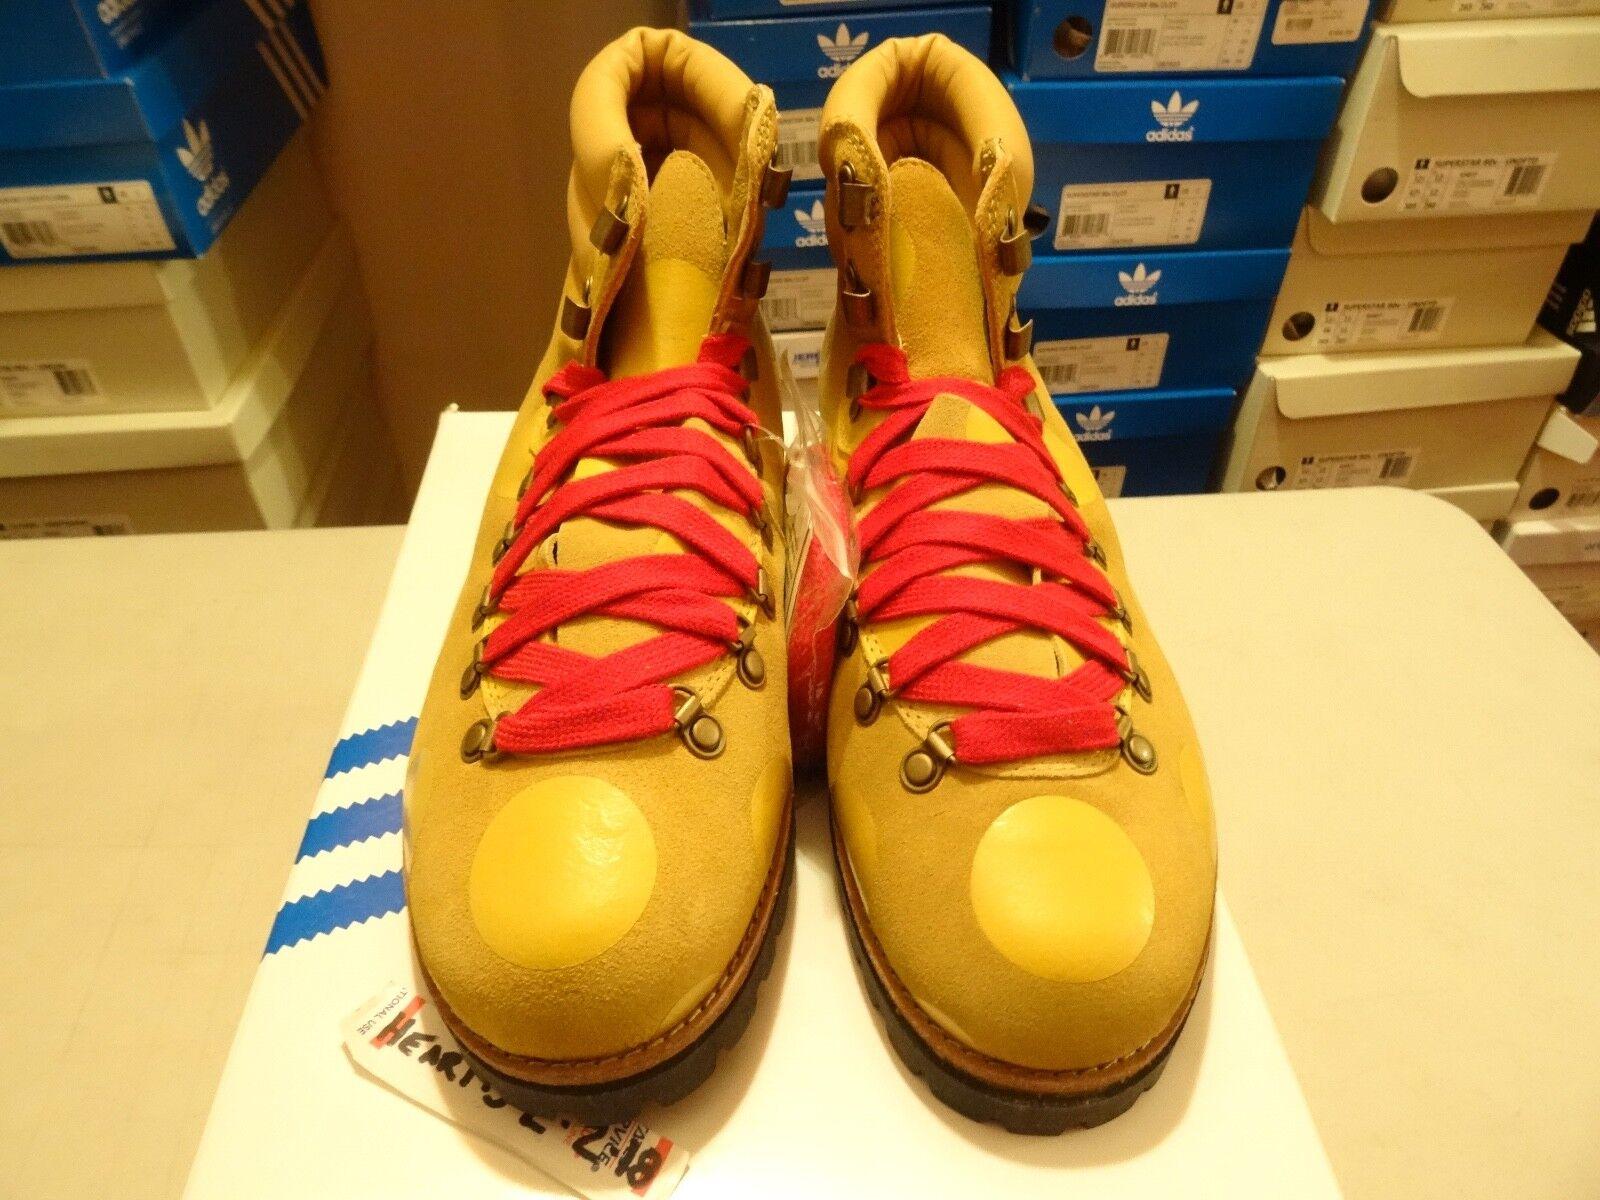 NEUF Rare Adidas X Jeremy Scott Pois JS démarrage G50730 Panton rouge Homme Taille 10